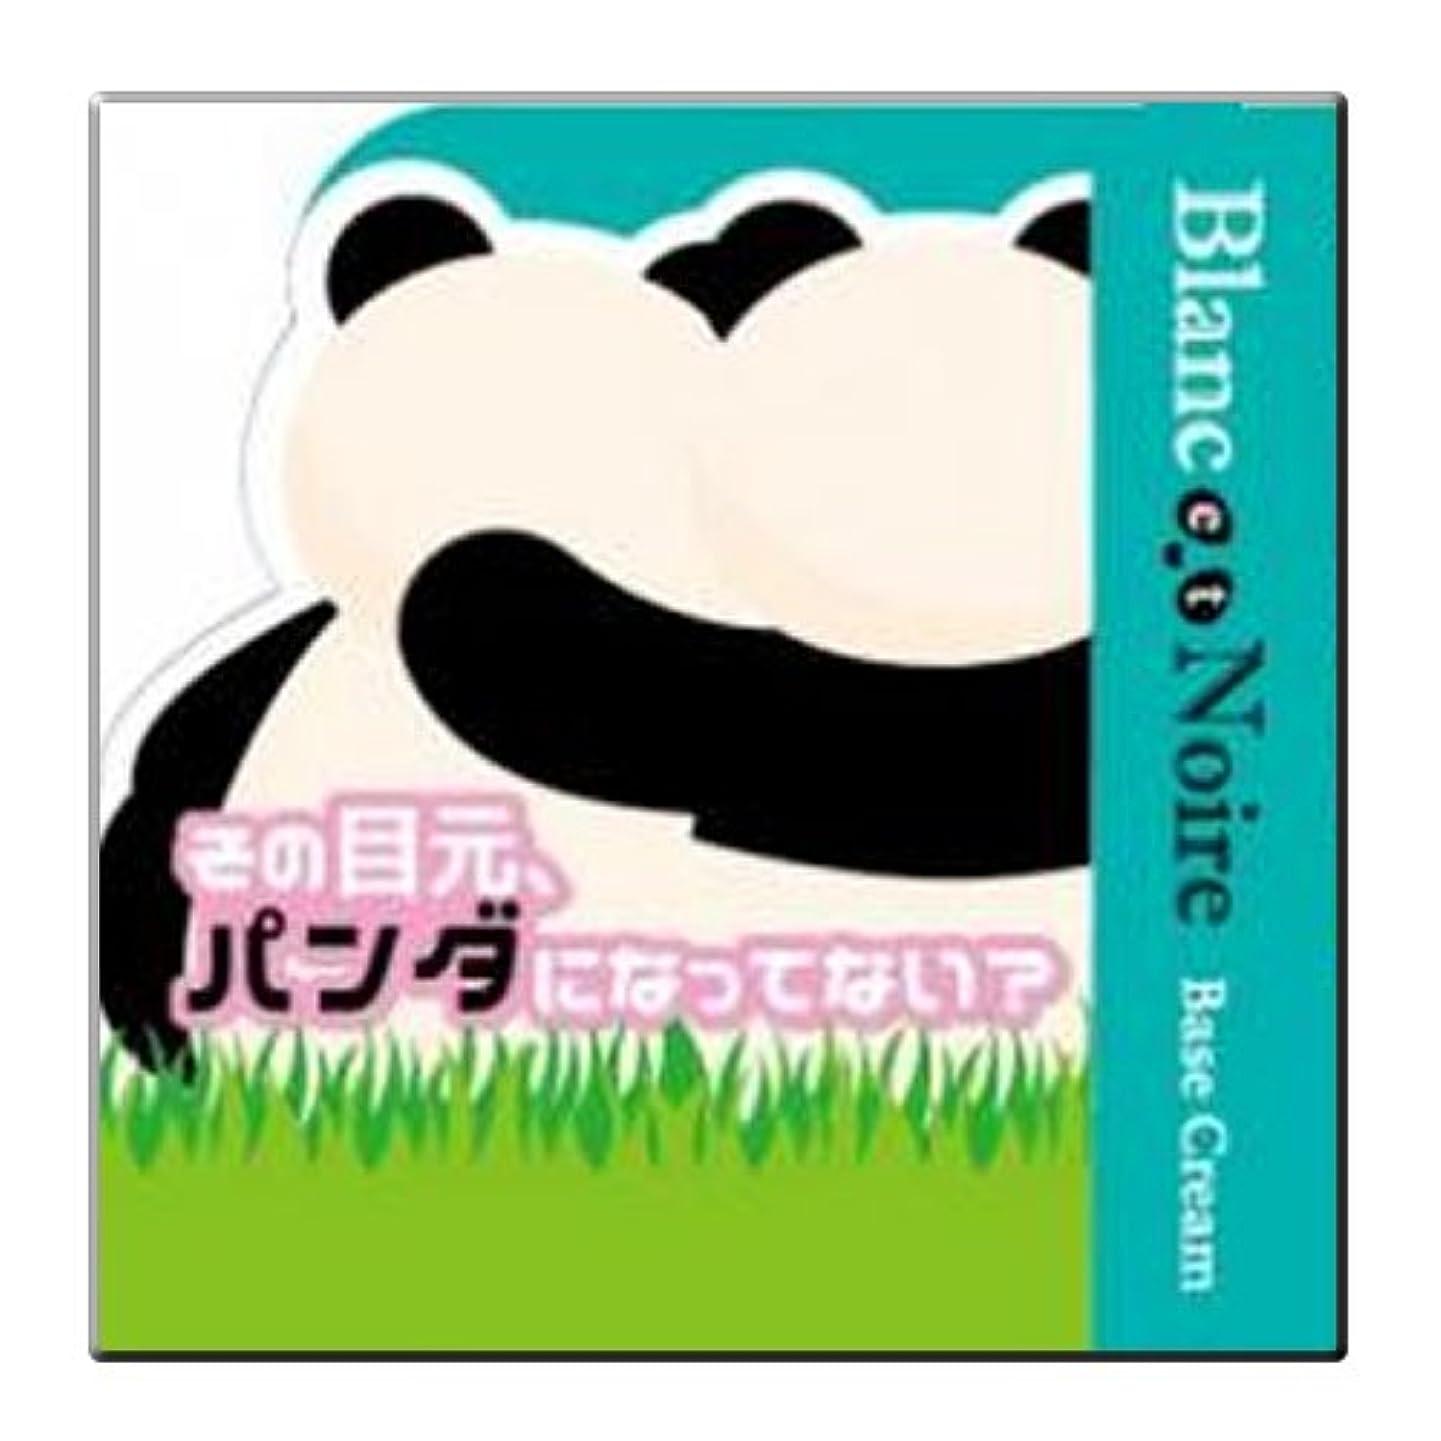 いつでも神聖泣いているBlanc et Noire(ブラン エ ノアール) Base Cream(ベースクリーム) 薬用美白クリームファンデーション 医薬部外品 15g